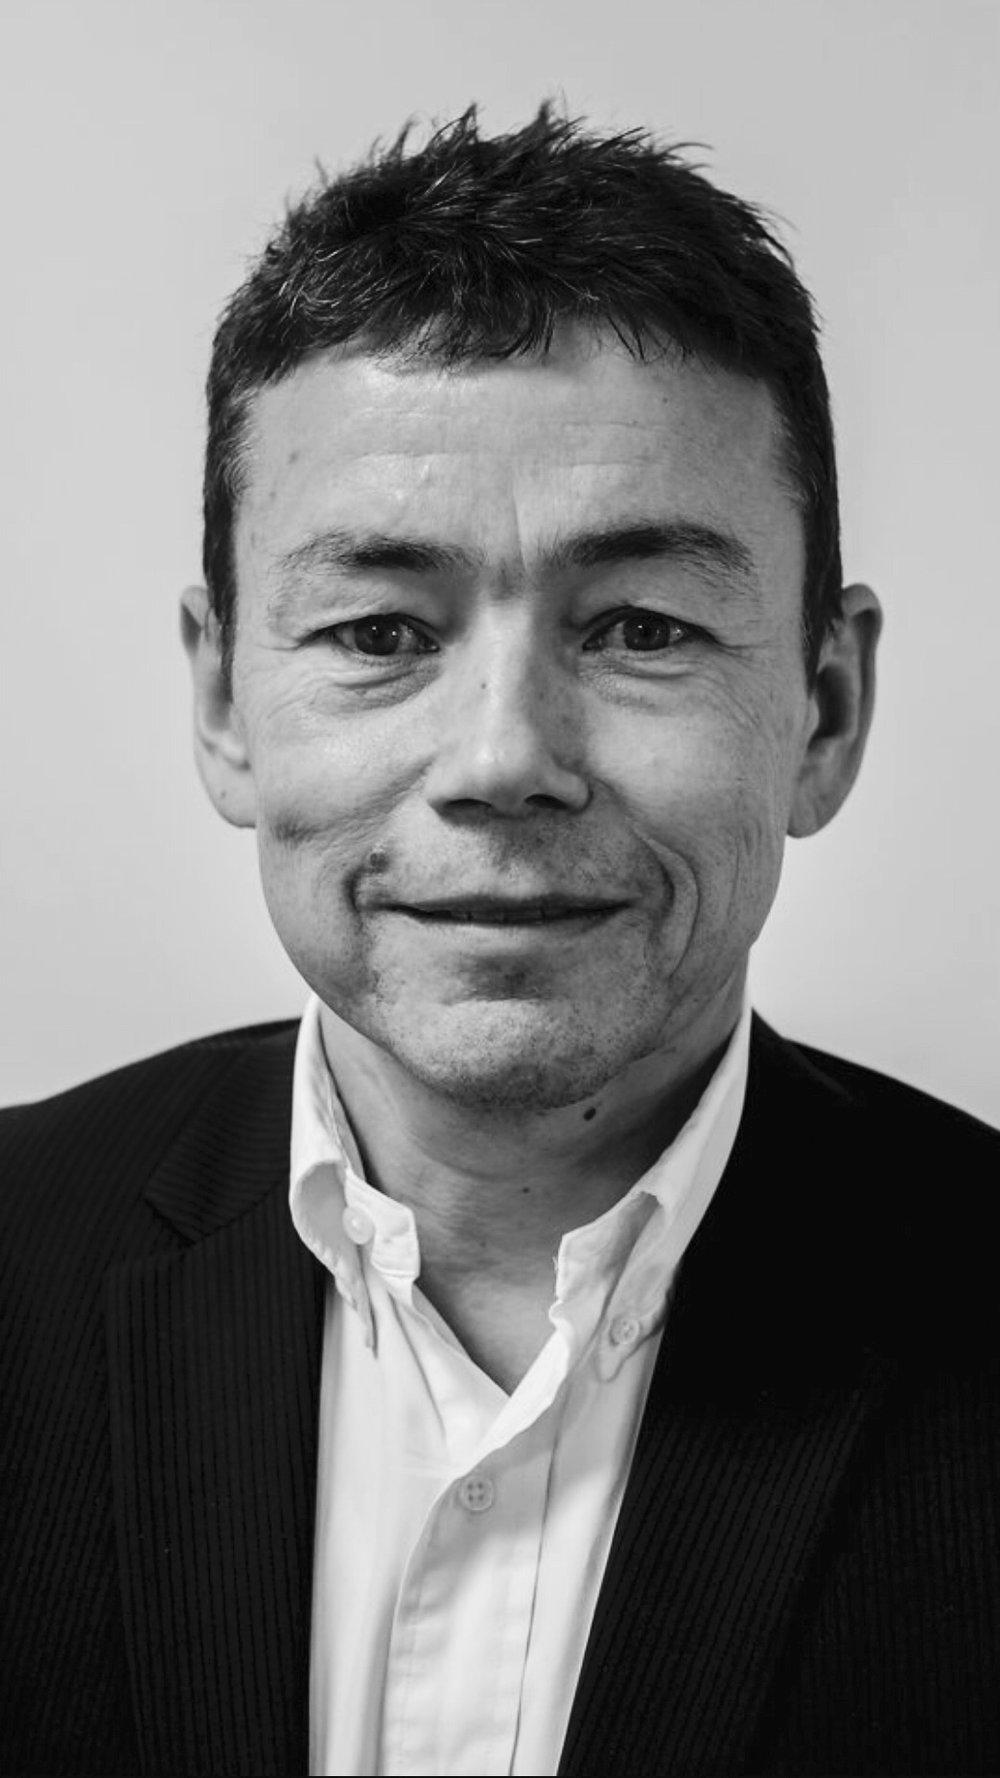 Morten Krarup,  Director - Operations & Business Strategy - har mere end 30 års erfaring inden for IT, Telecom og E-Commerce. Som direktør i både store internationale koncerner, mindre selskaber og startups har han stor erfaring med opstart, processer, operationel ledelse og strategi.Morten er oprindeligt uddannet som datamatiker og har derudover en management uddannelse fra INSEAD.